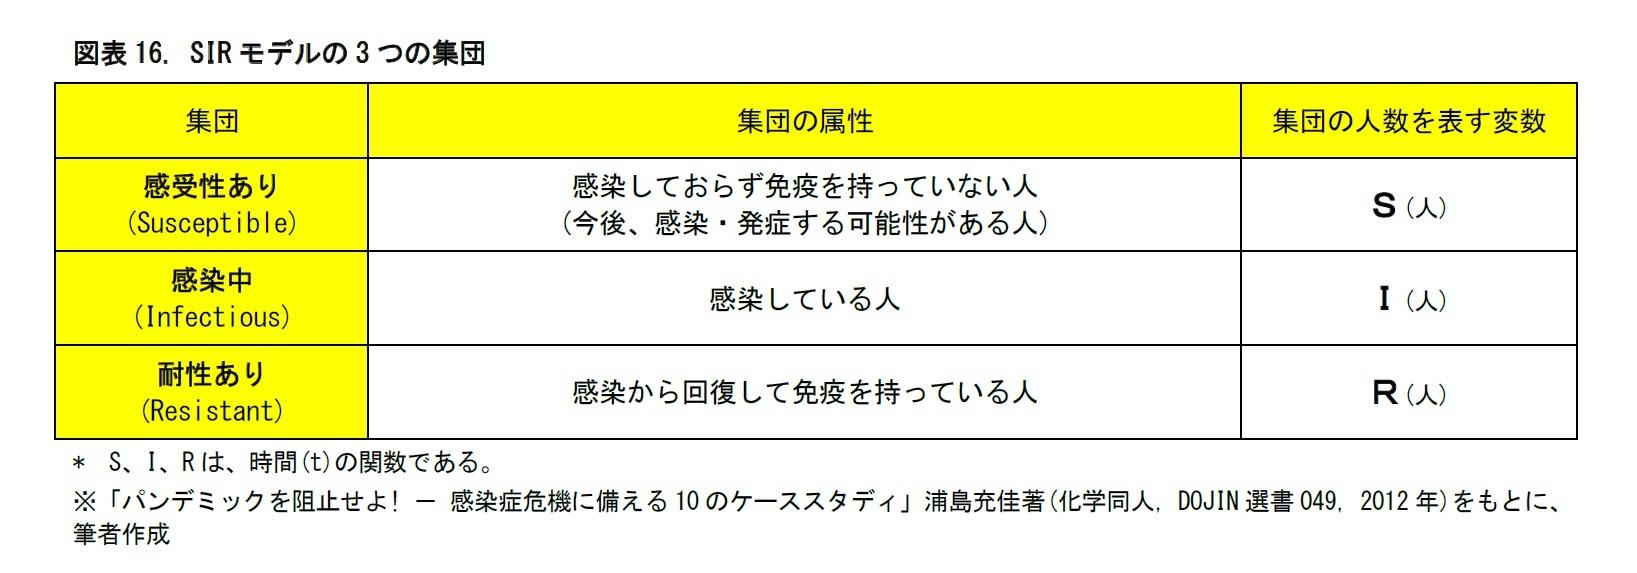 図表16. SIRモデルの3つの集団